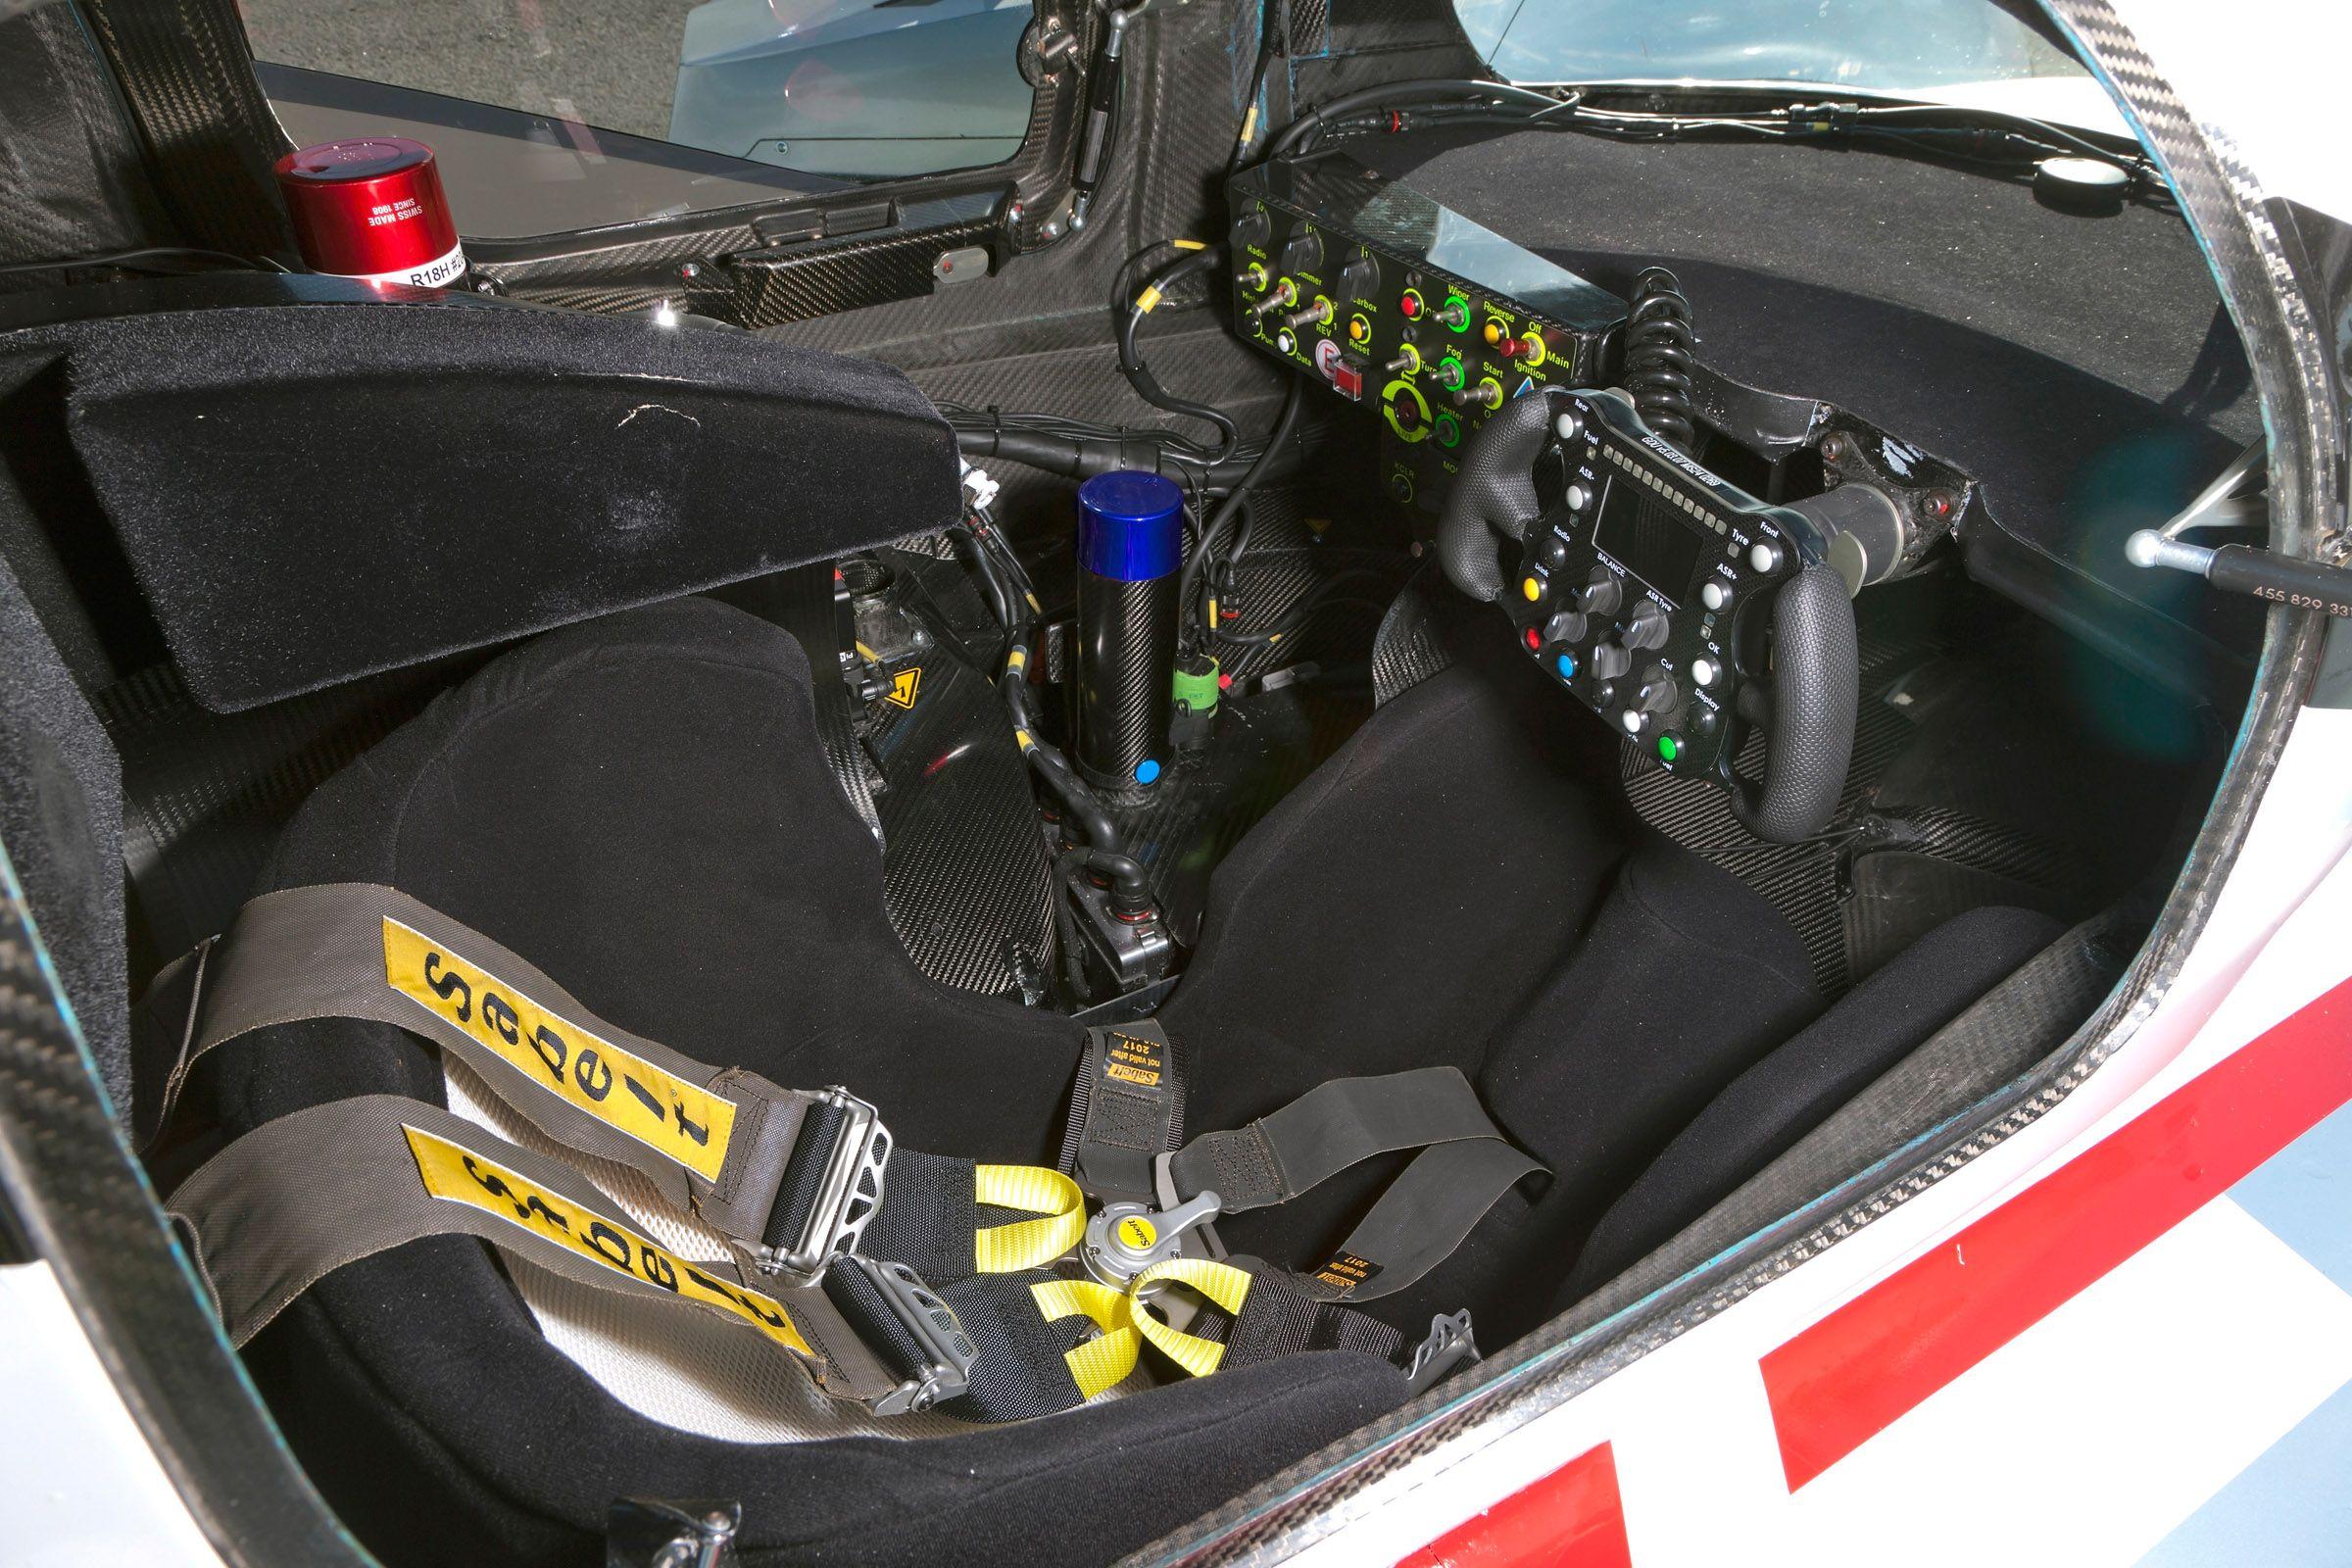 lmp1 cockpit - Recherche Google | racing | Pinterest | Search | {Auto cockpit audi 70}